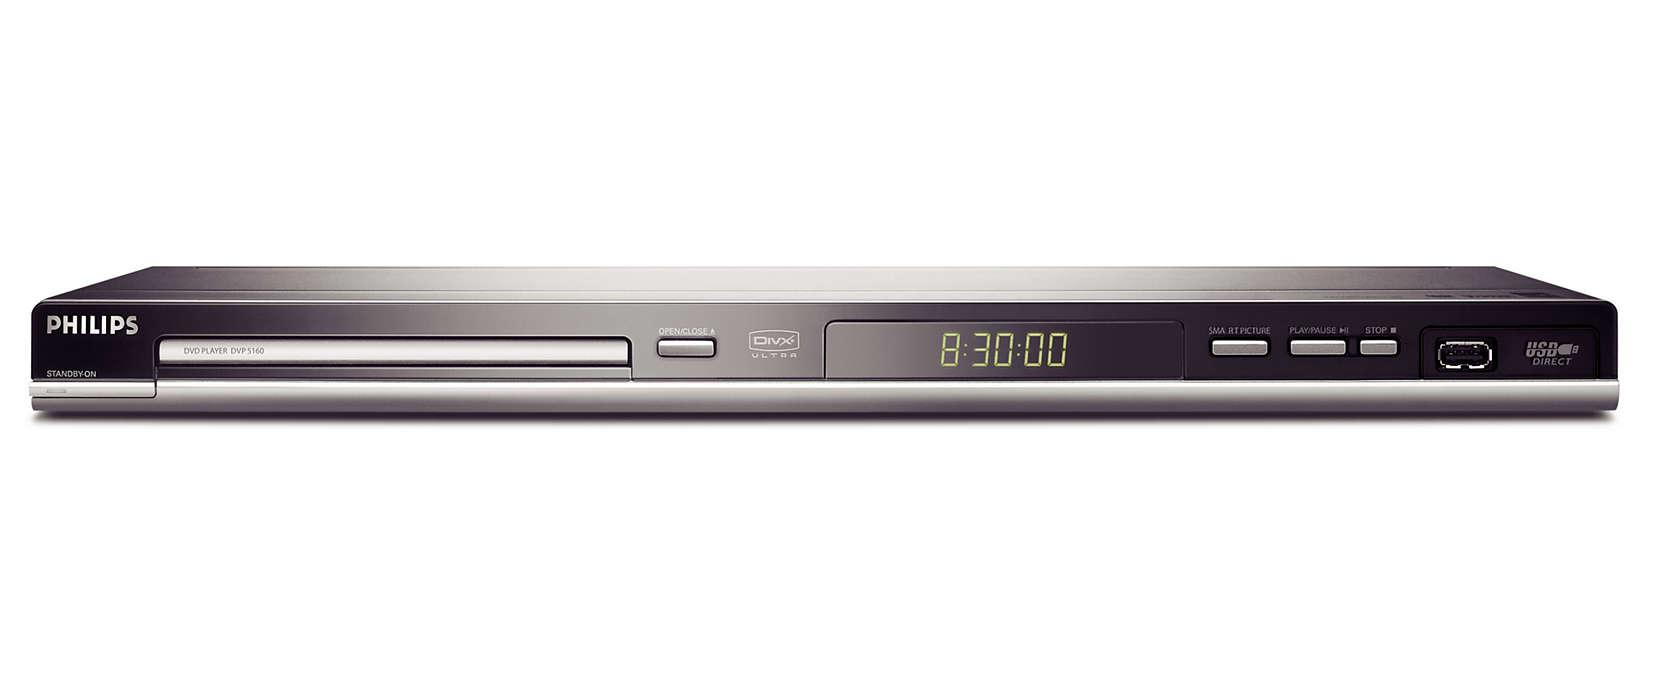 Del USB al televisor